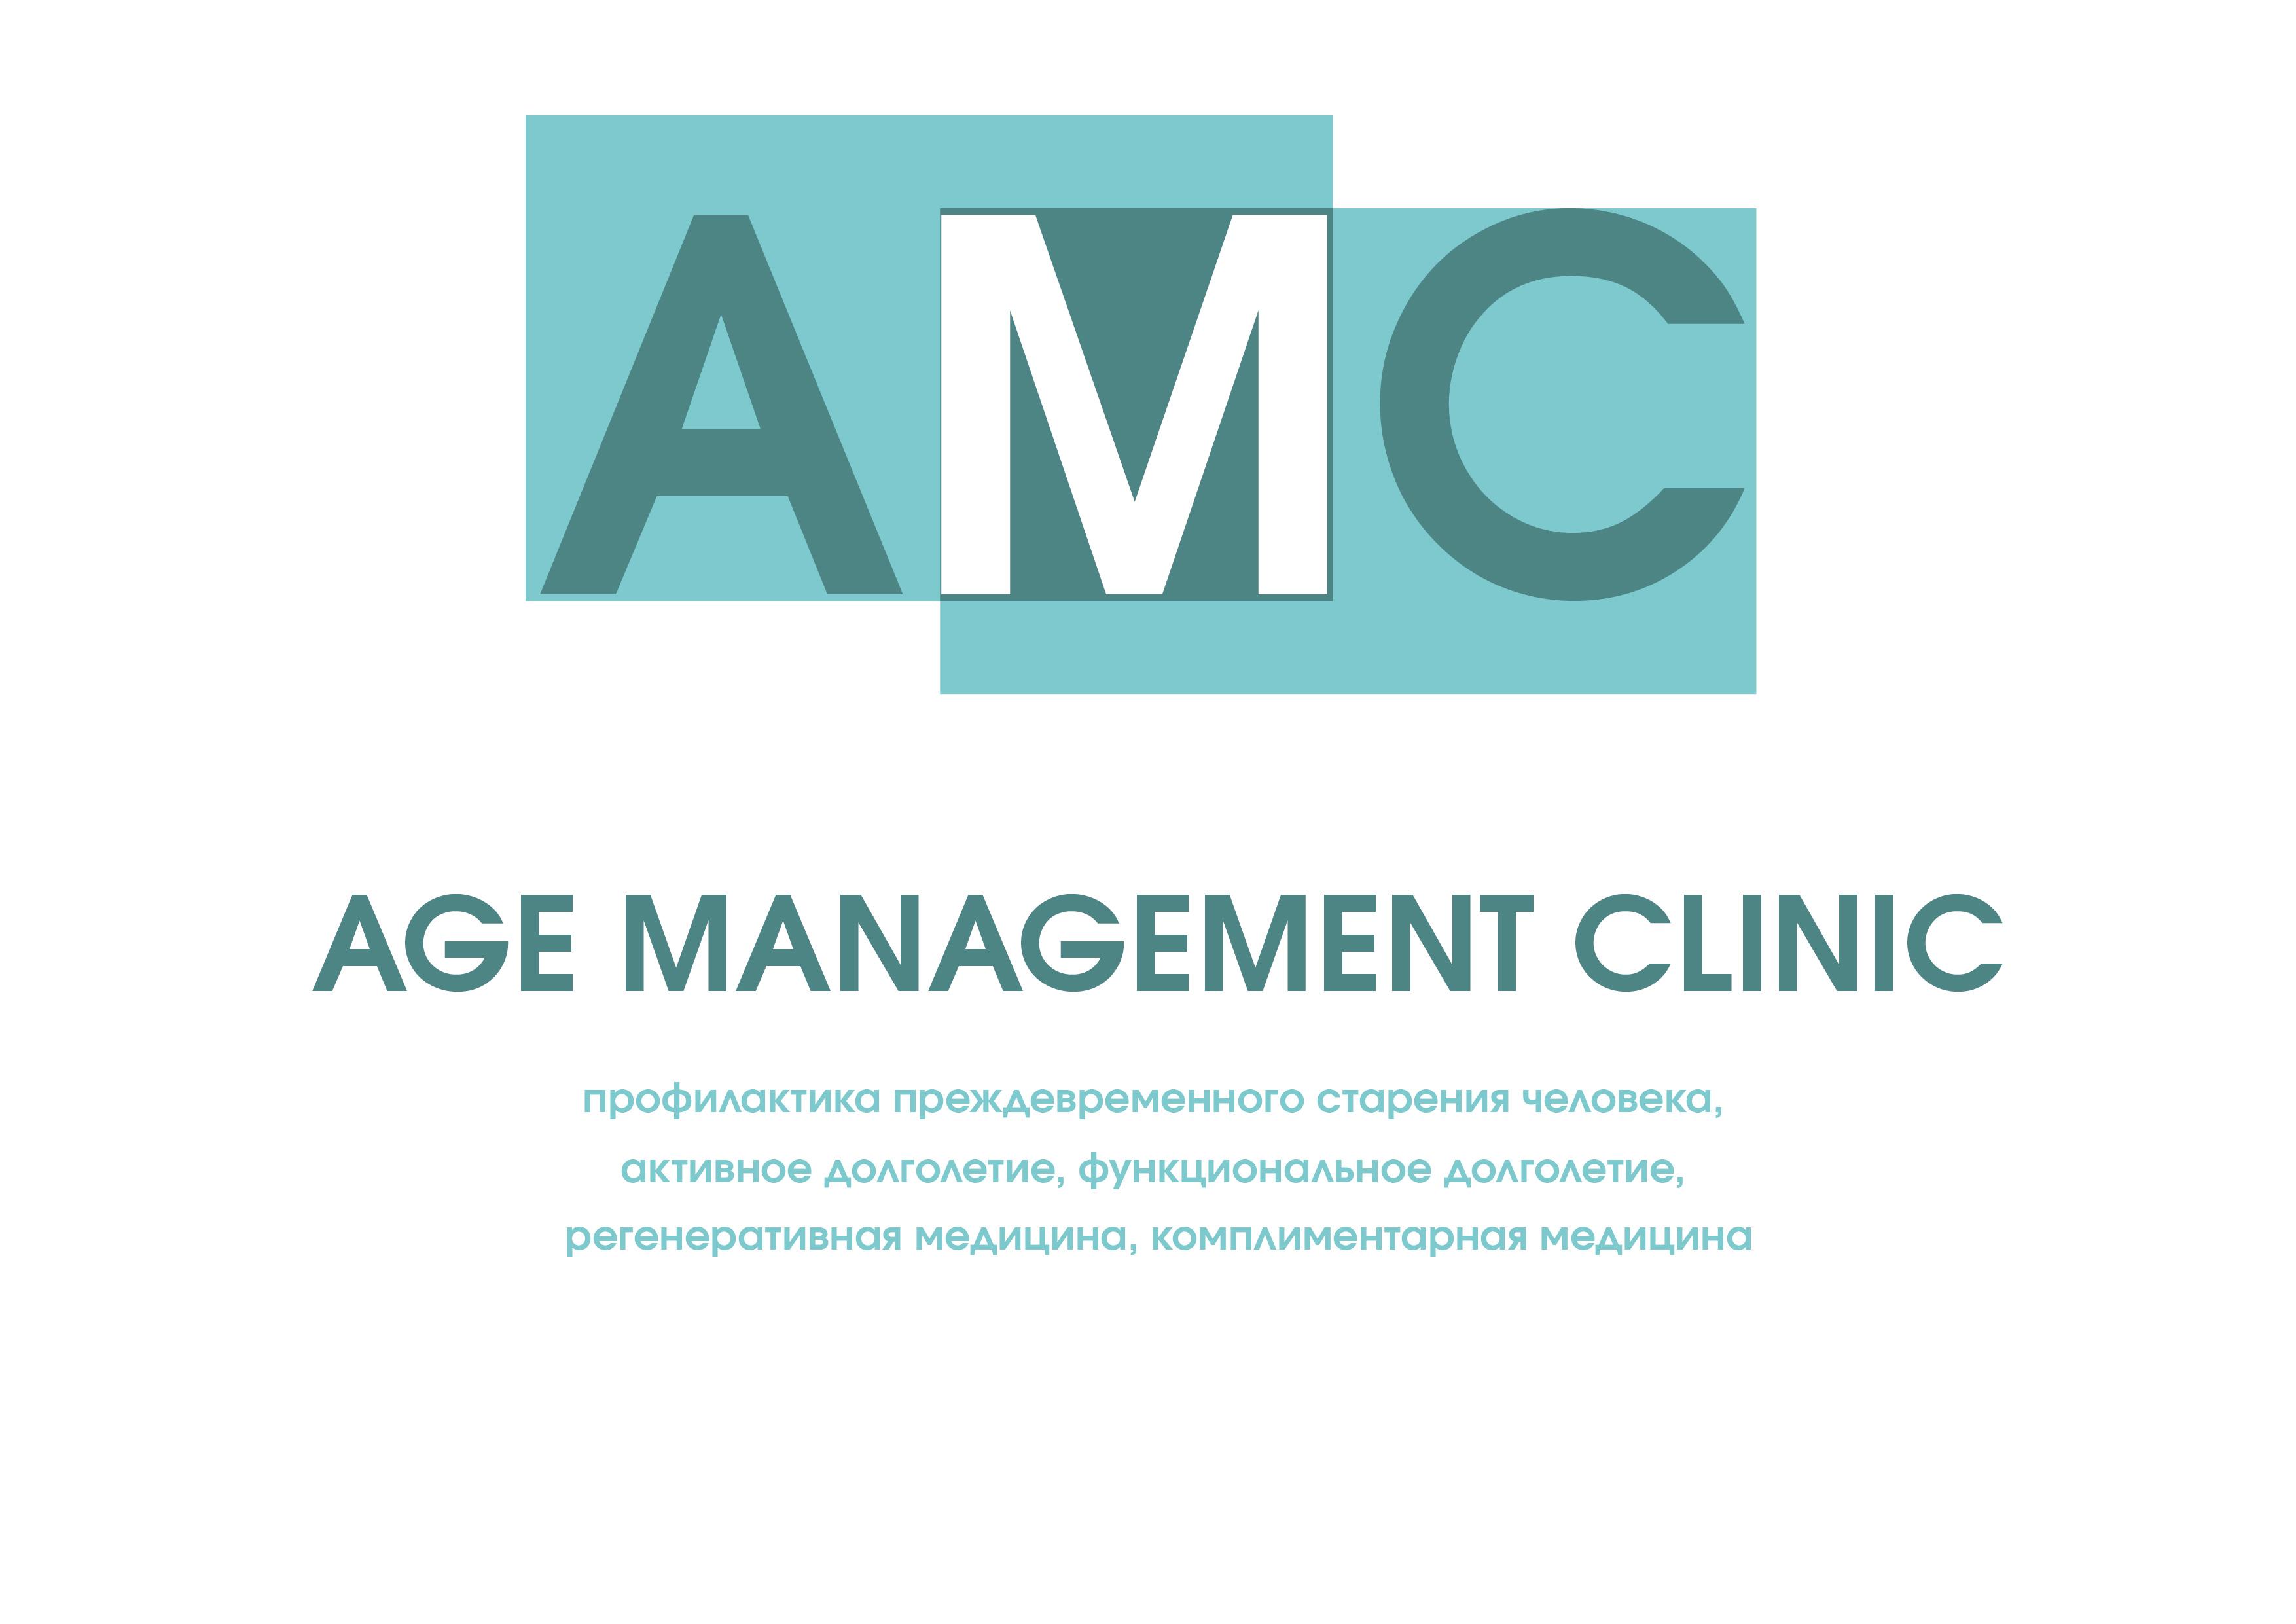 Логотип для медицинского центра (клиники)  фото f_8005b9cc5b856ce5.jpg